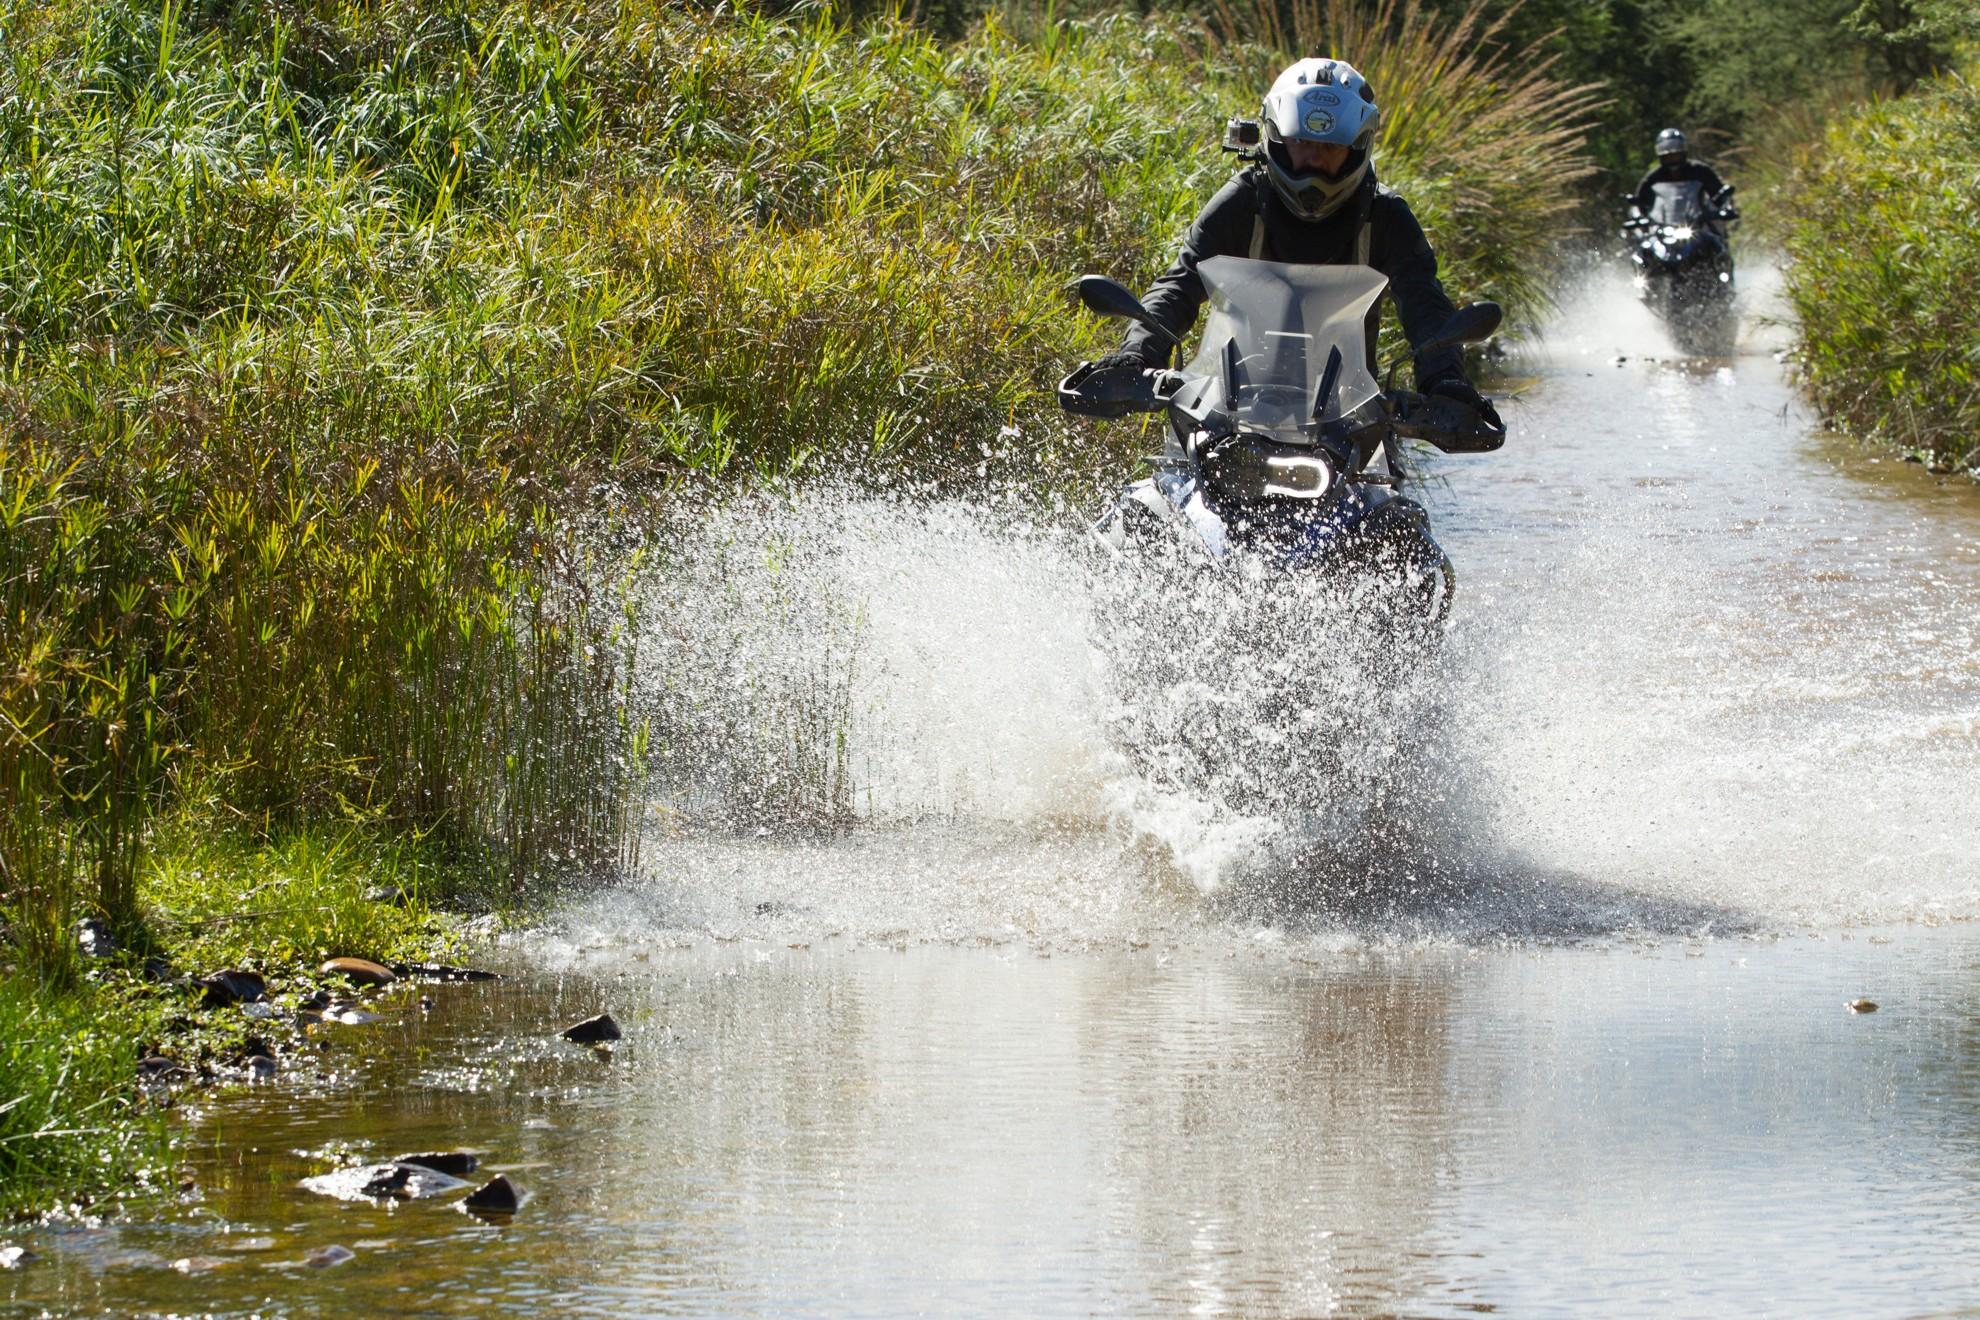 自驾游推荐:骑着摩托车去旅行